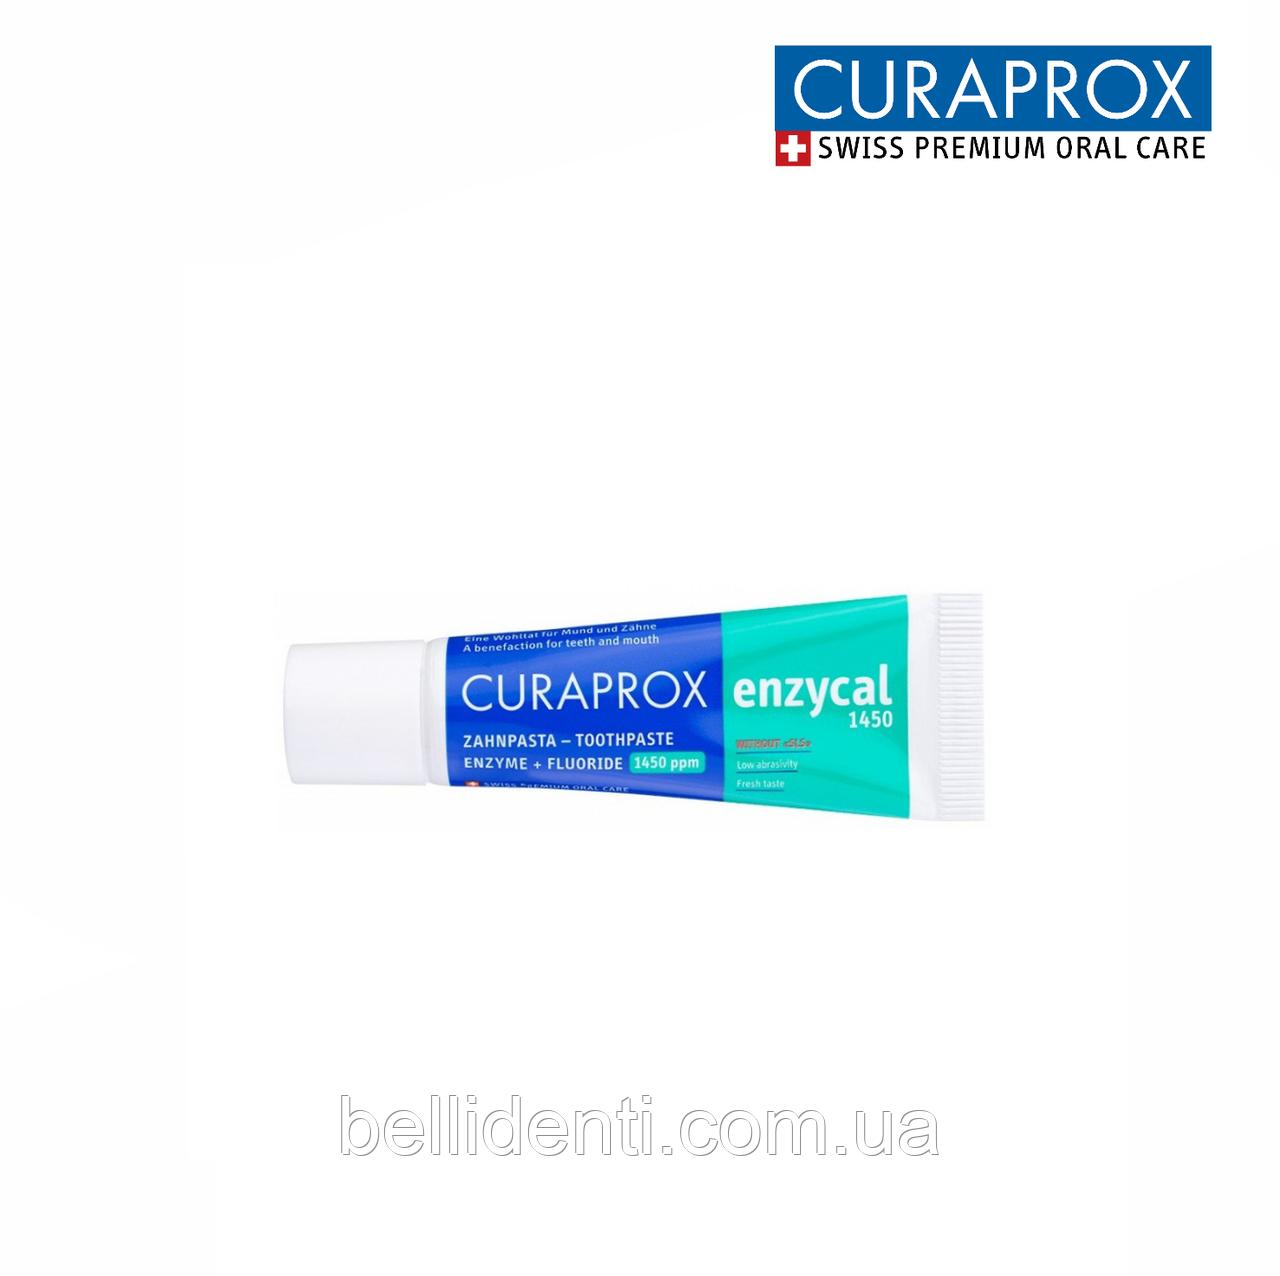 Ферментная зубная паста Curaprox  Enzycal 1450, 10 мл